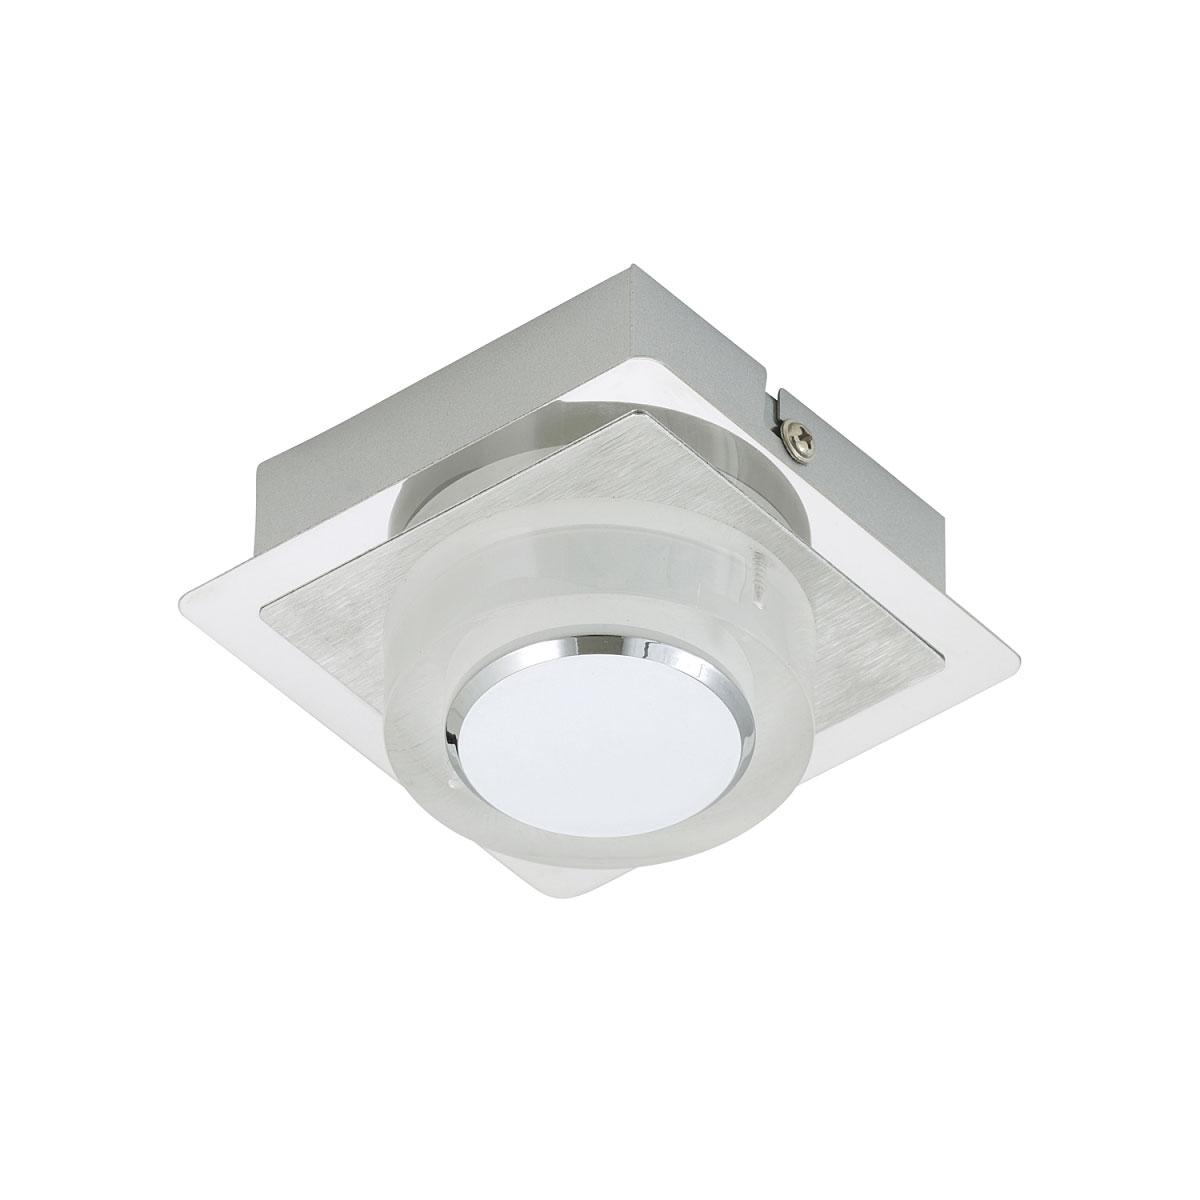 """Wandleuchten - LED Wandleuchte """"Orna"""", Aluminium, Modul, 1 flammig  - Onlineshop Hellweg"""